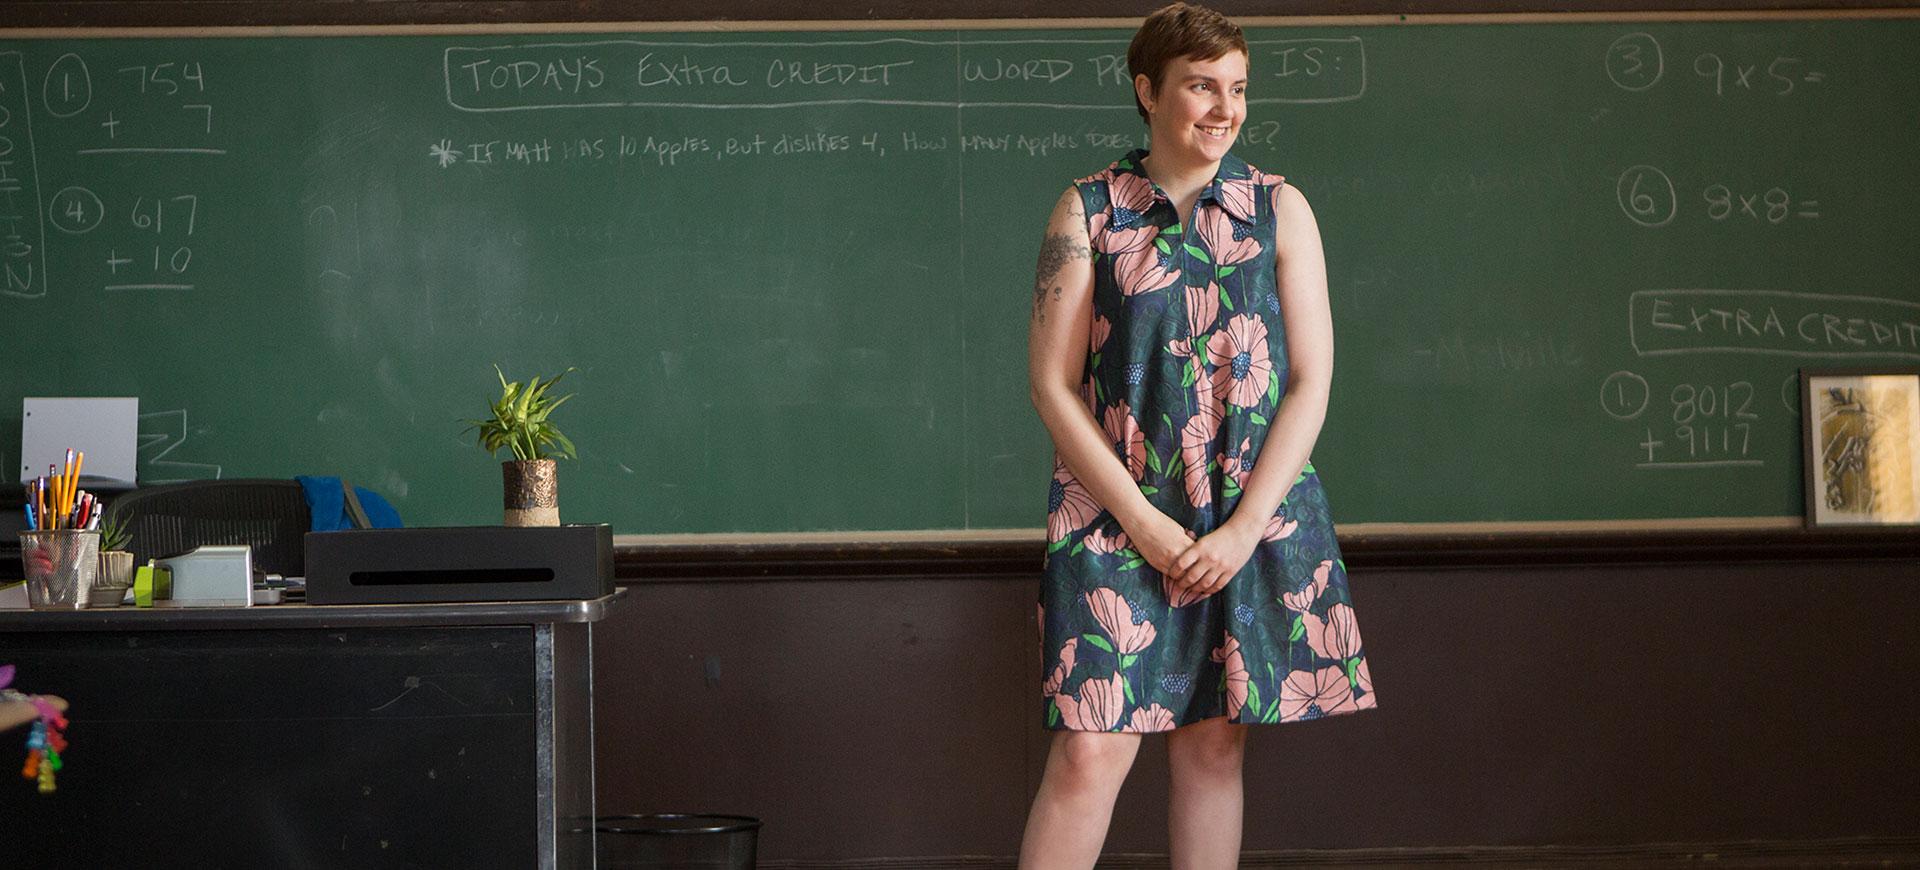 Lena Dunham i ny underklädesreklam som vi alla kan relatera till